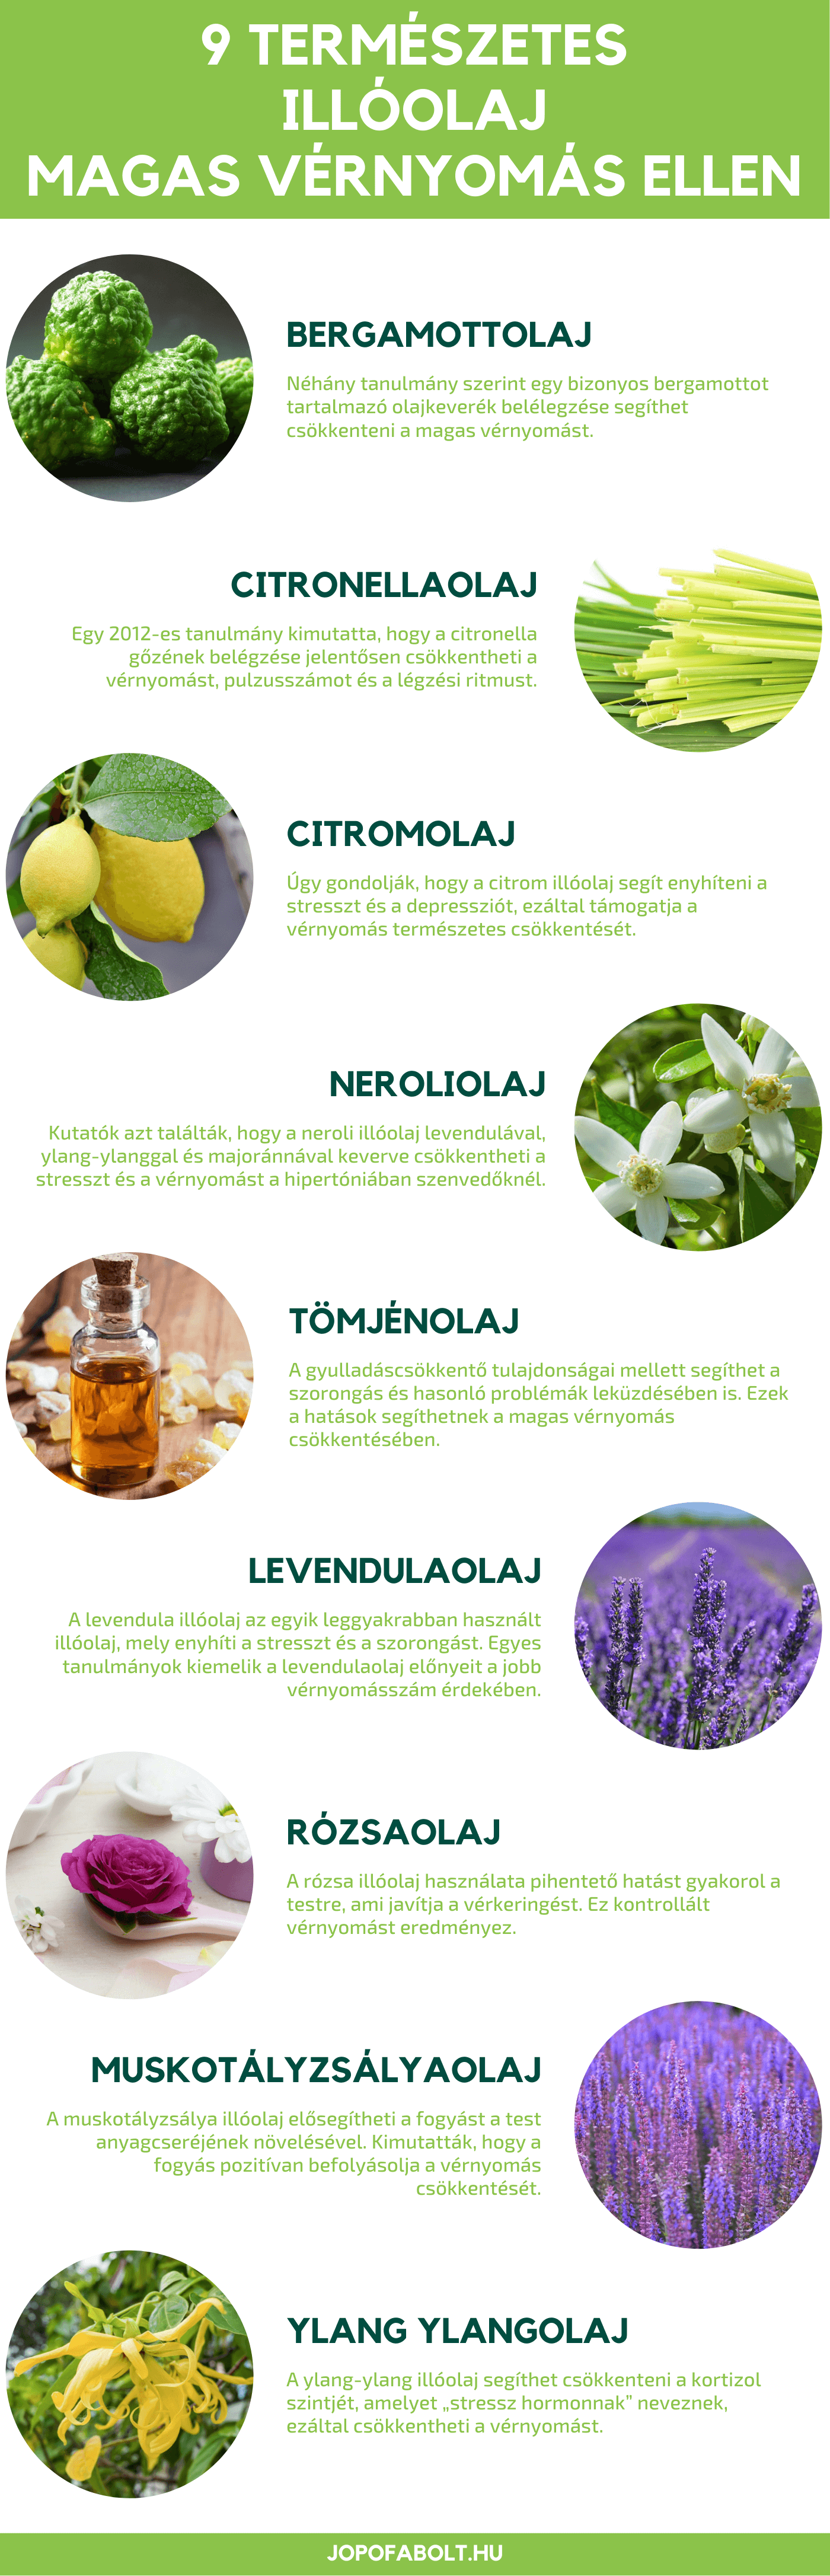 Tippek, hogyan csökkentse a magas vérnyomást aromaterápiával | Gyógyszer Nélkül